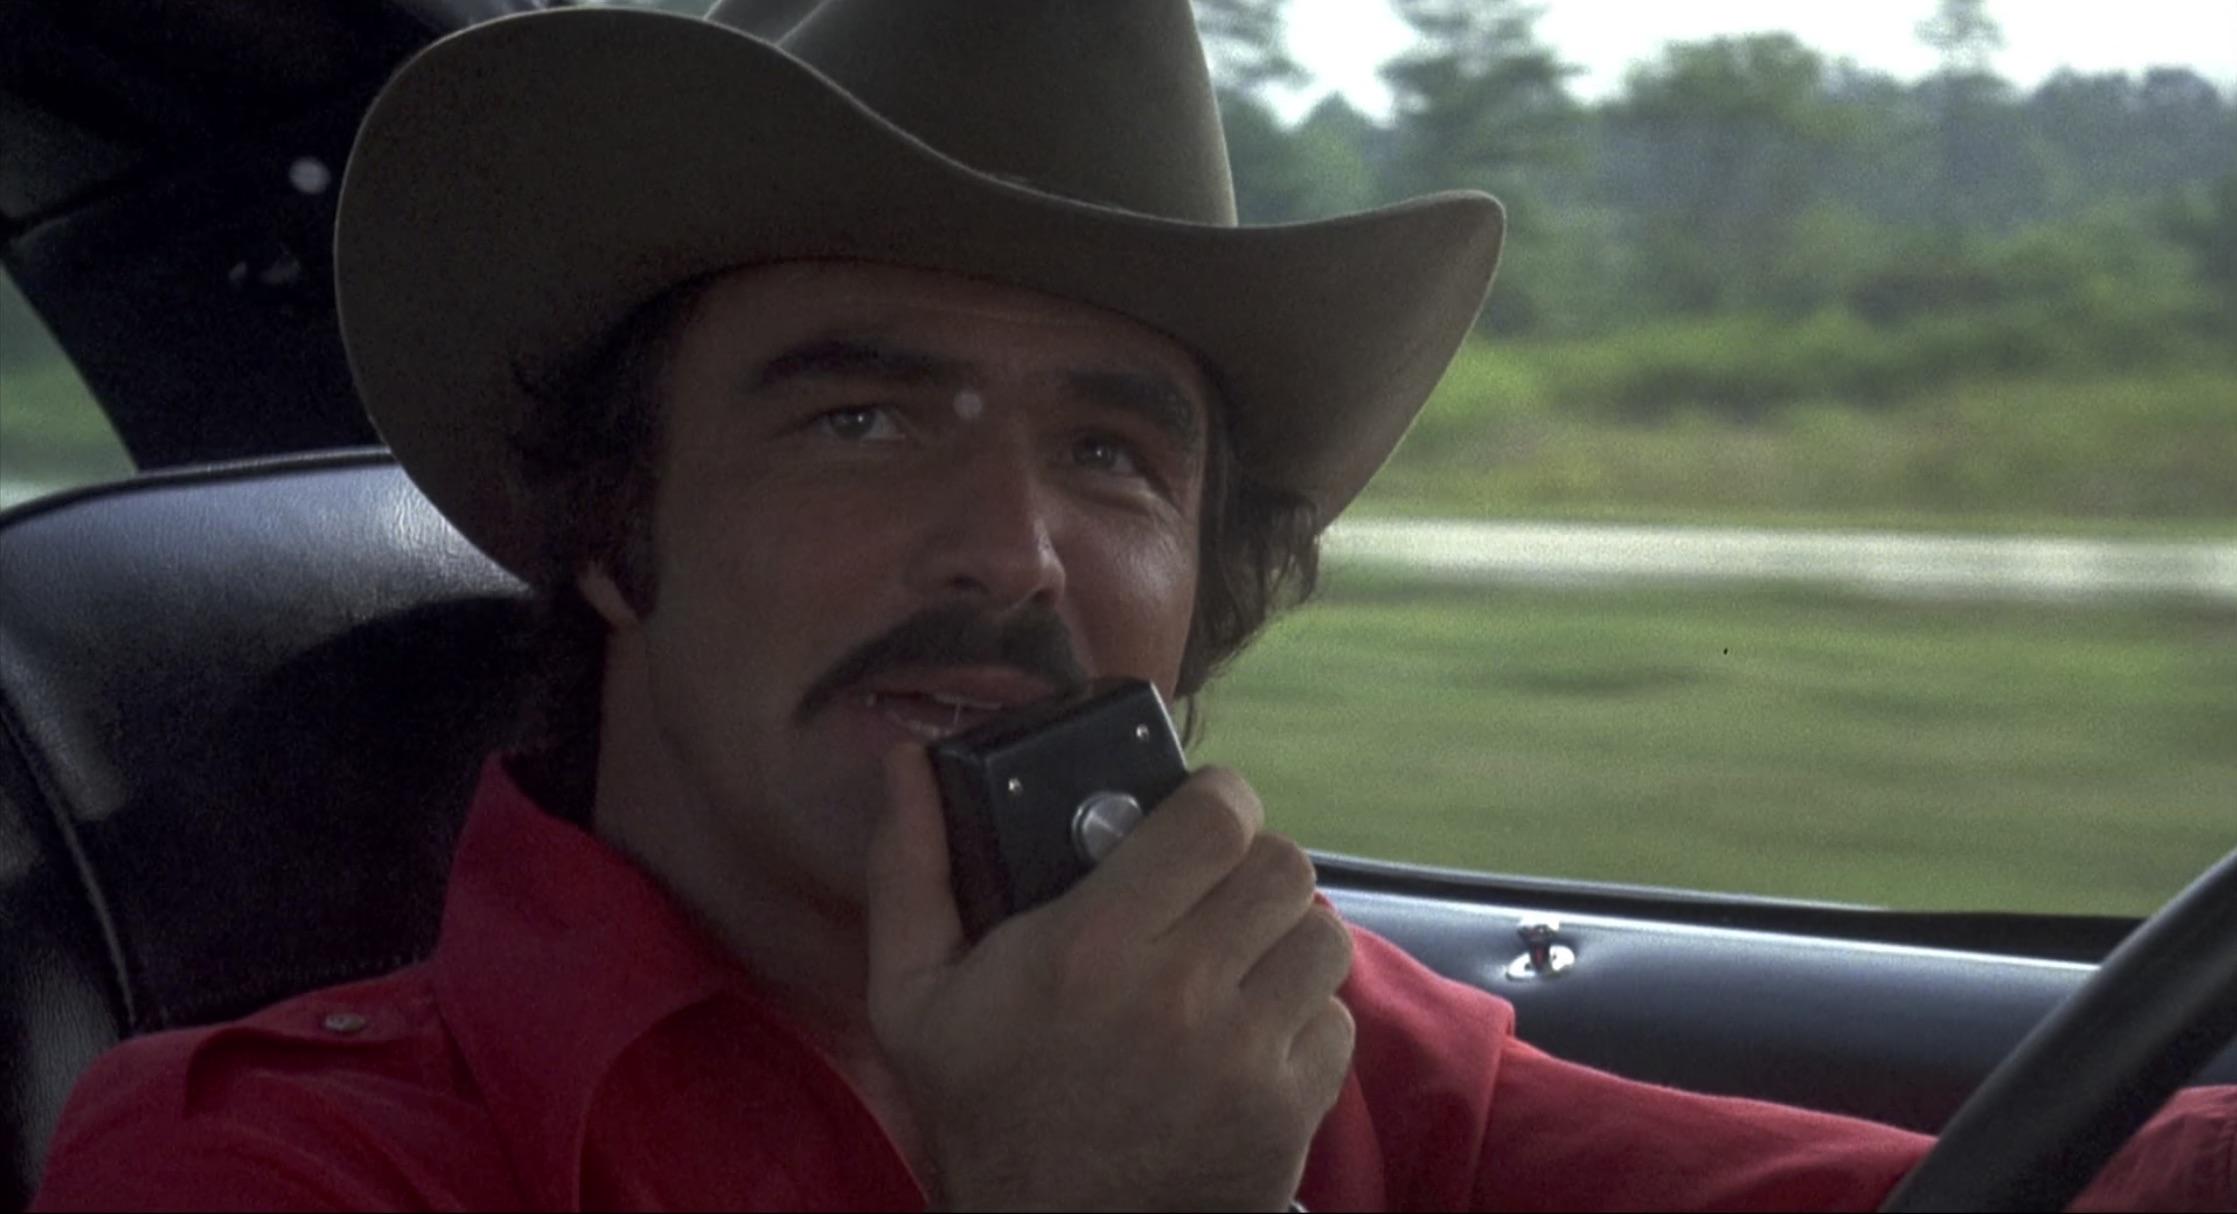 Smokey and the bandit call on the radio